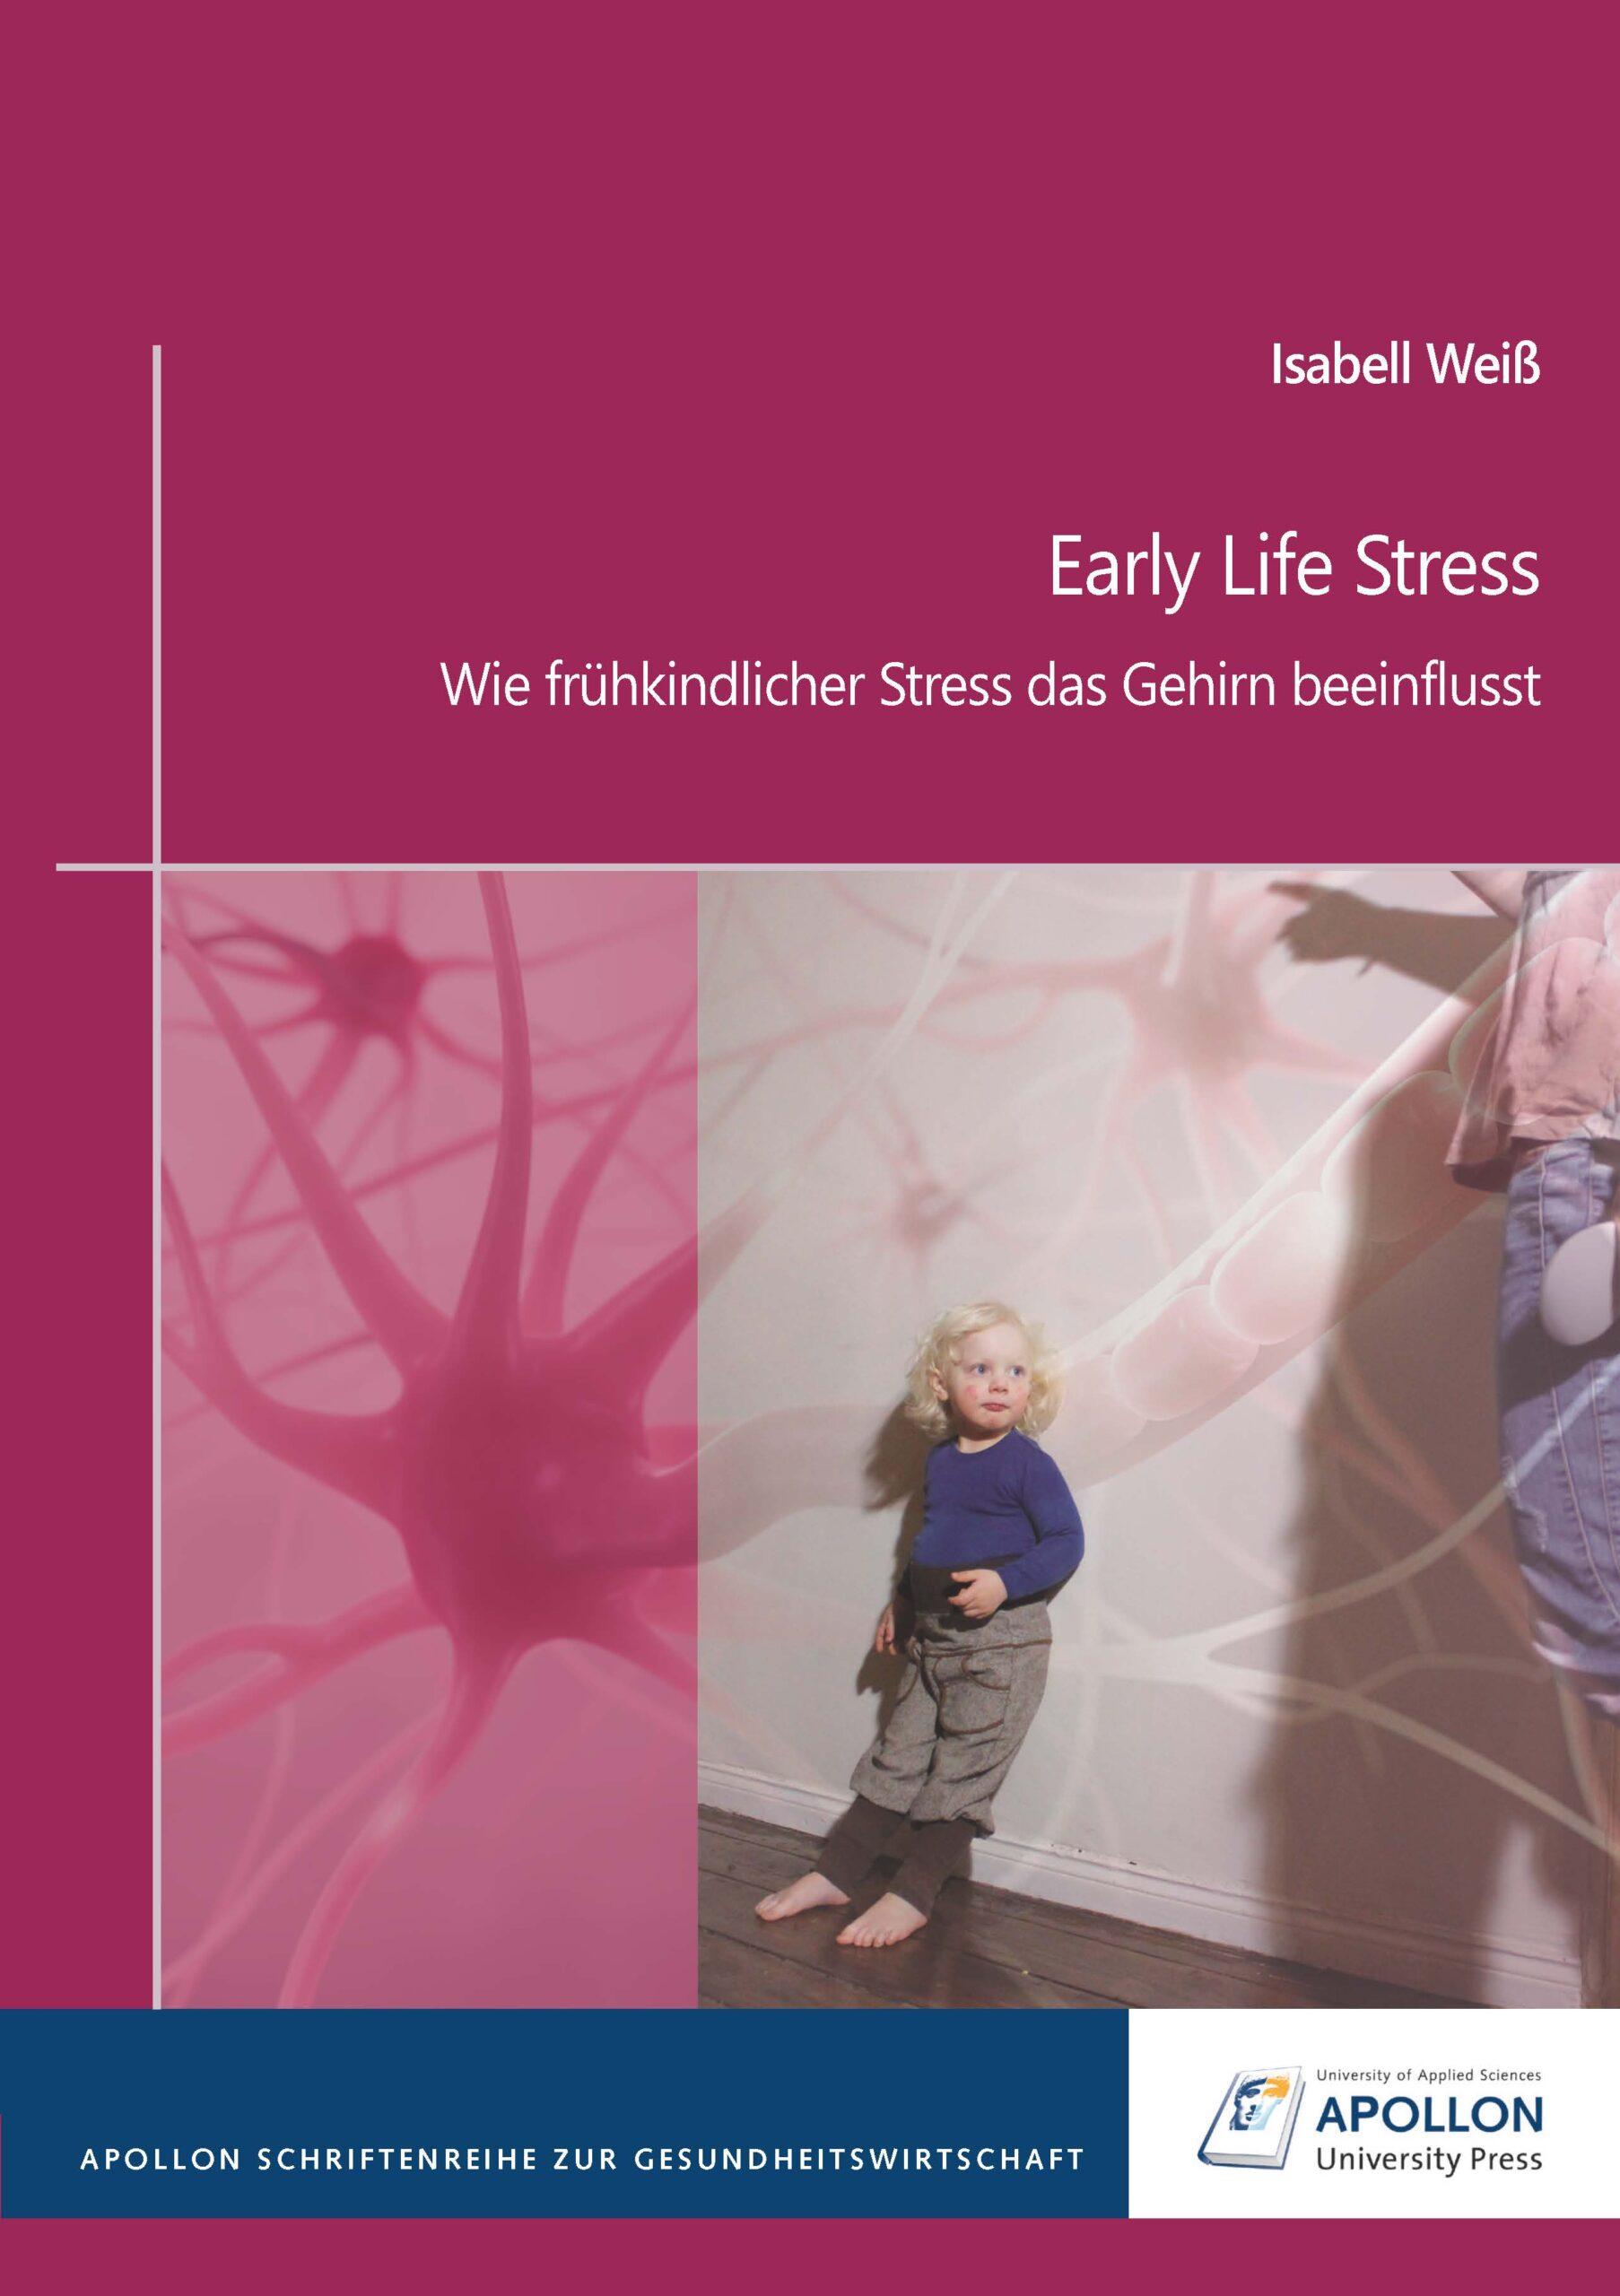 Neue herausragende Thesis in der Schriftenreihe: Early Life Stress